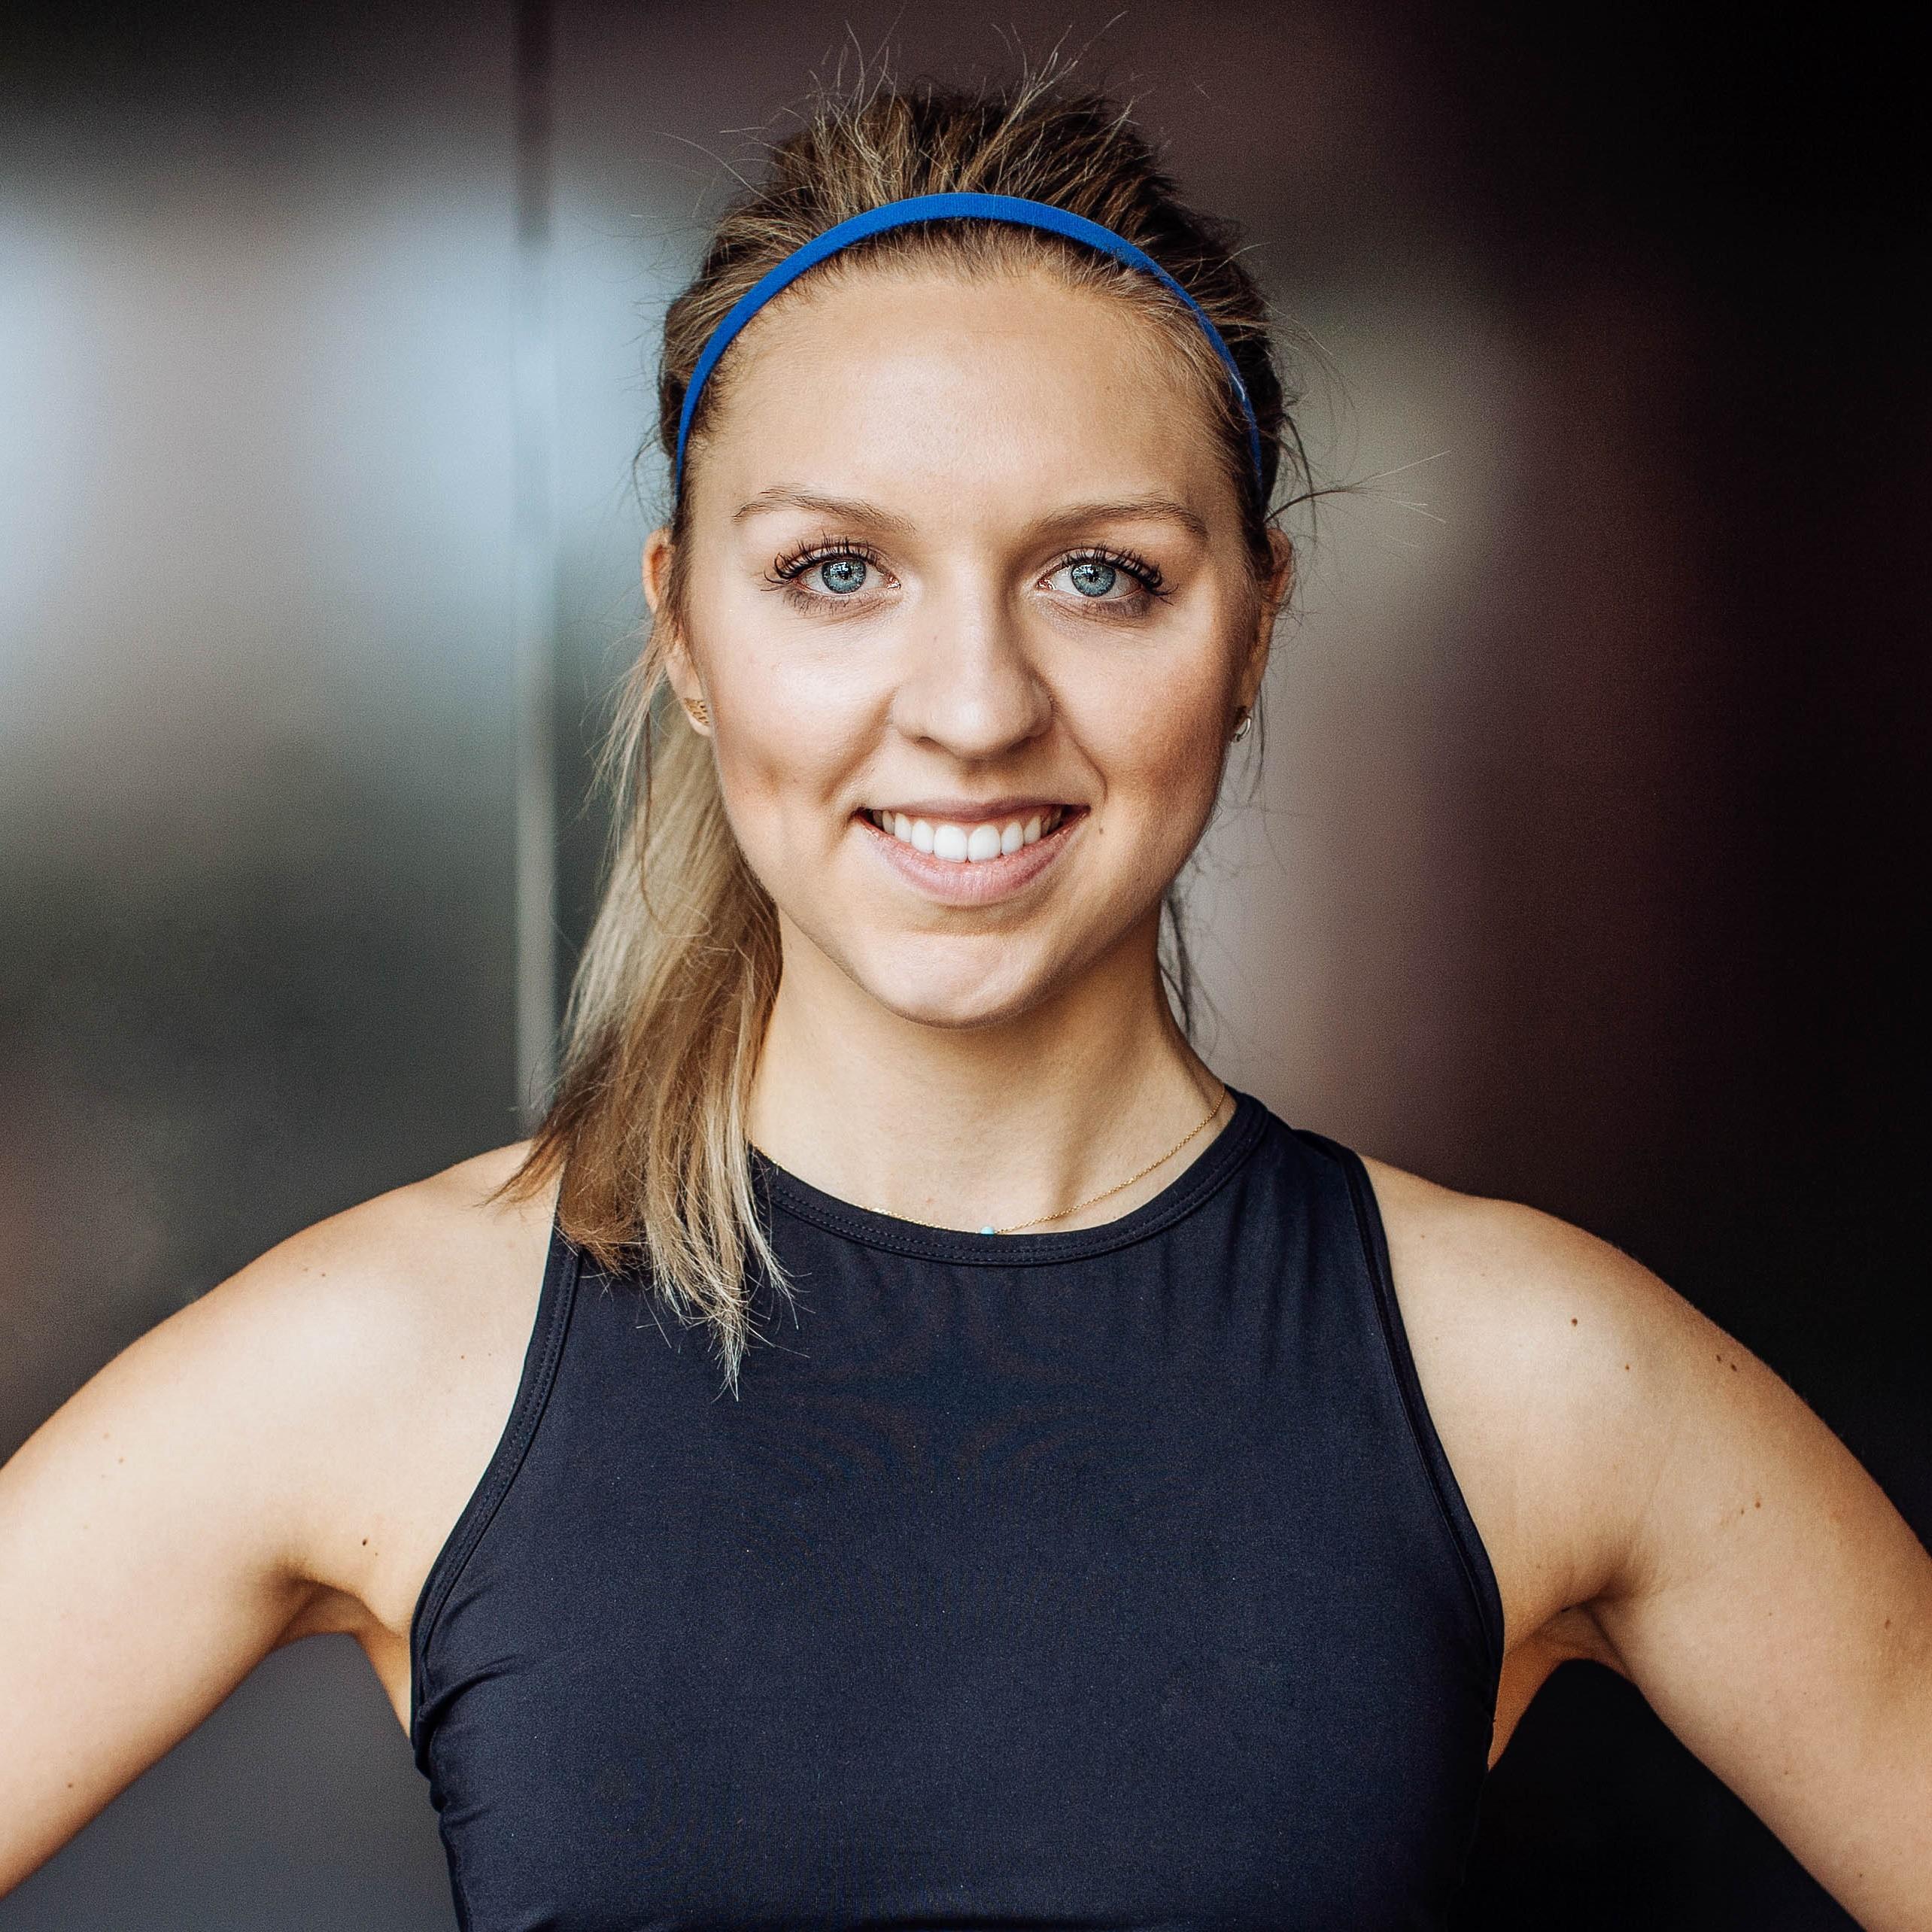 Joanna Jaworska